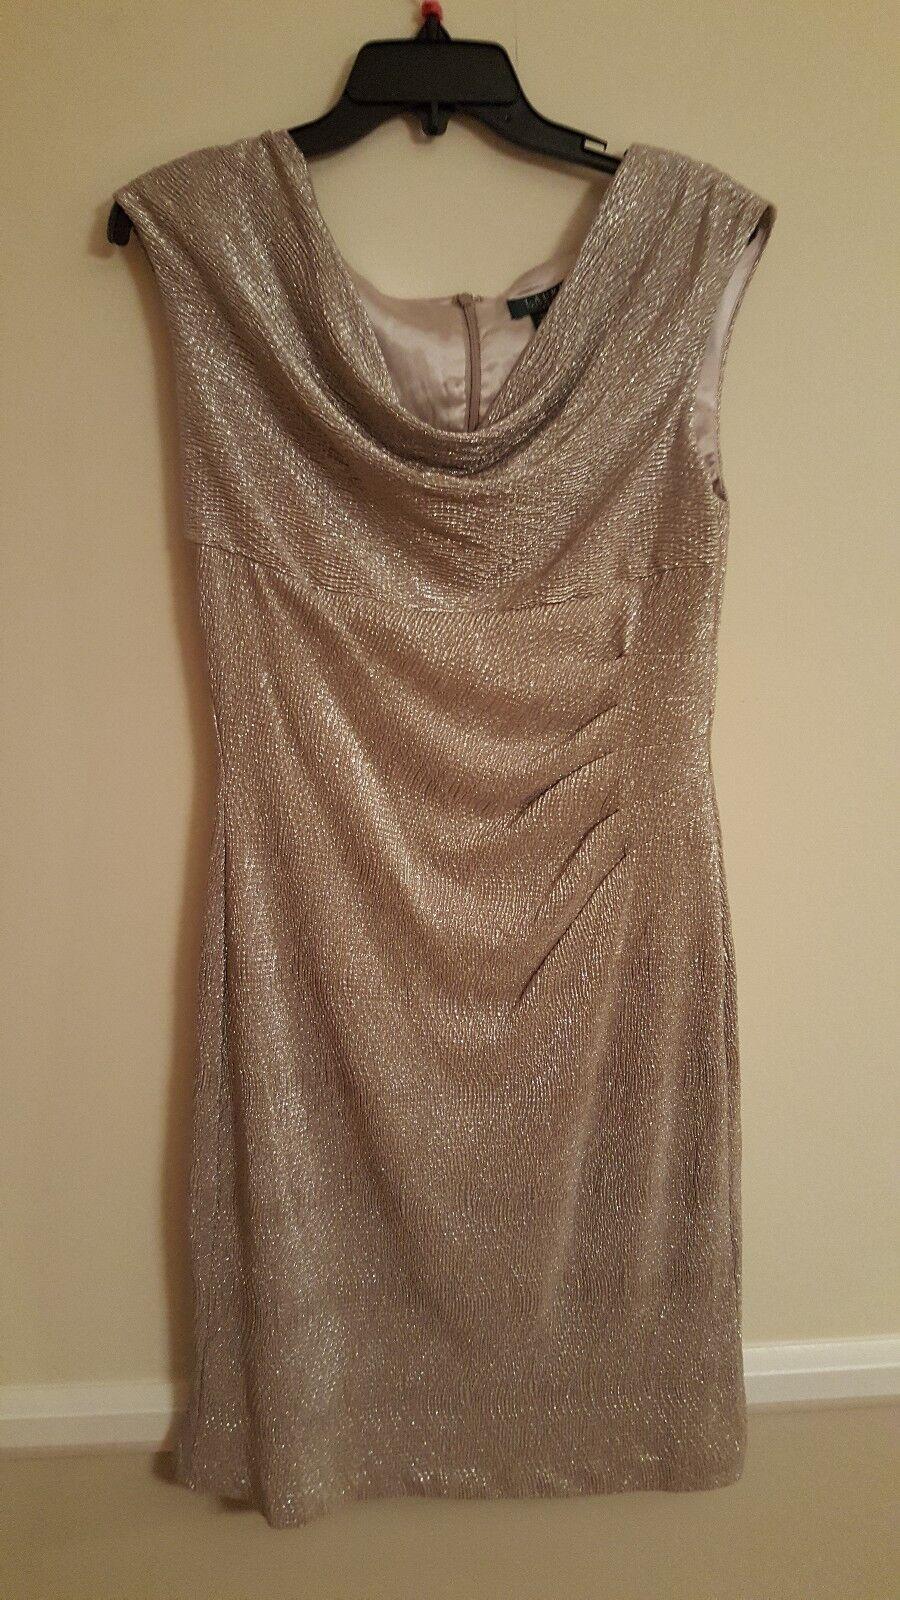 NEW LAUREN RALPH LAUREN Party dress Essentials White gold Dress Sz 10 NEW  160